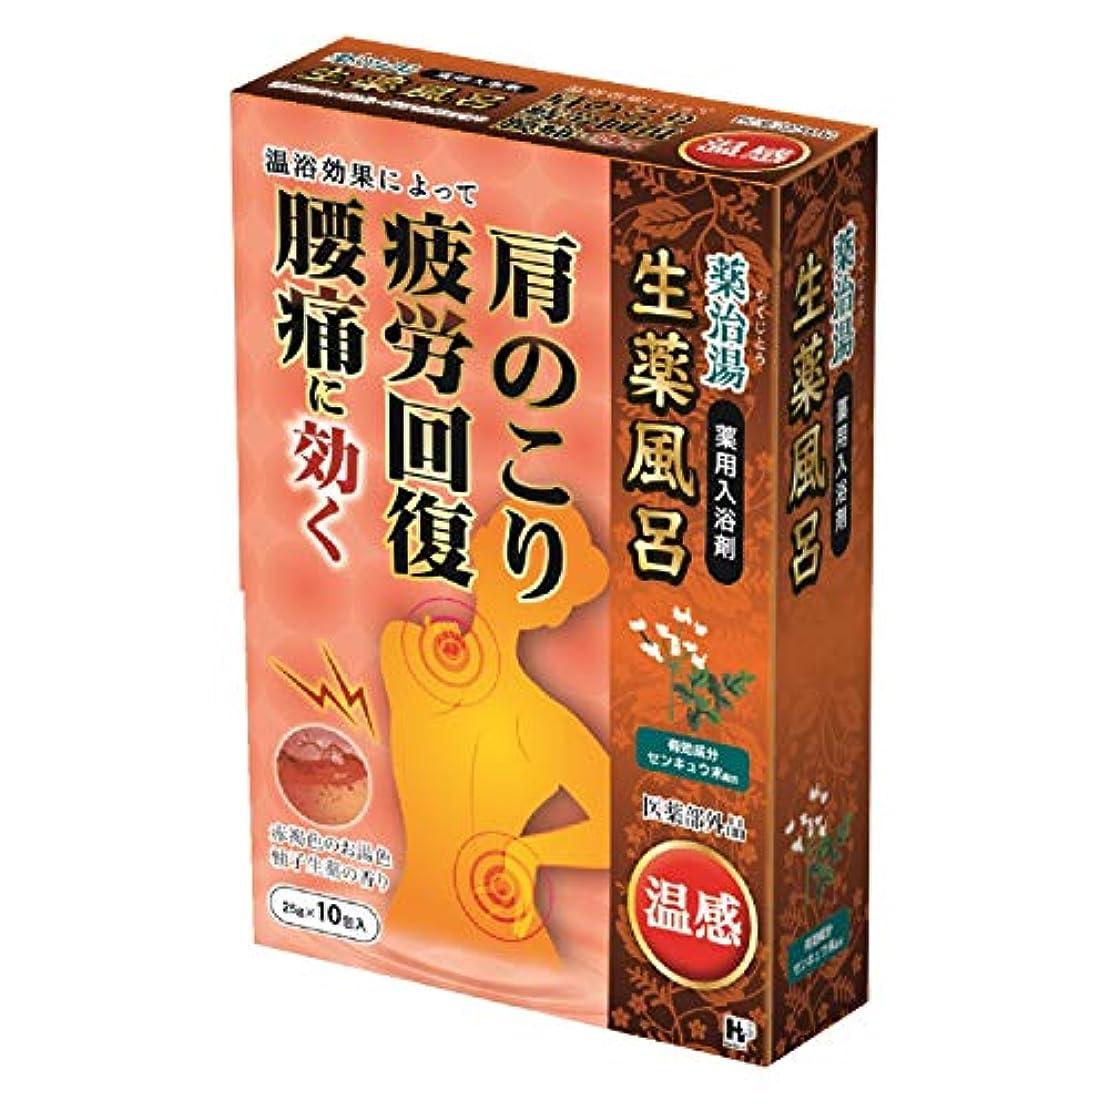 マガジンナビゲーション重要薬治湯 温感 柚子生薬の香り 10包